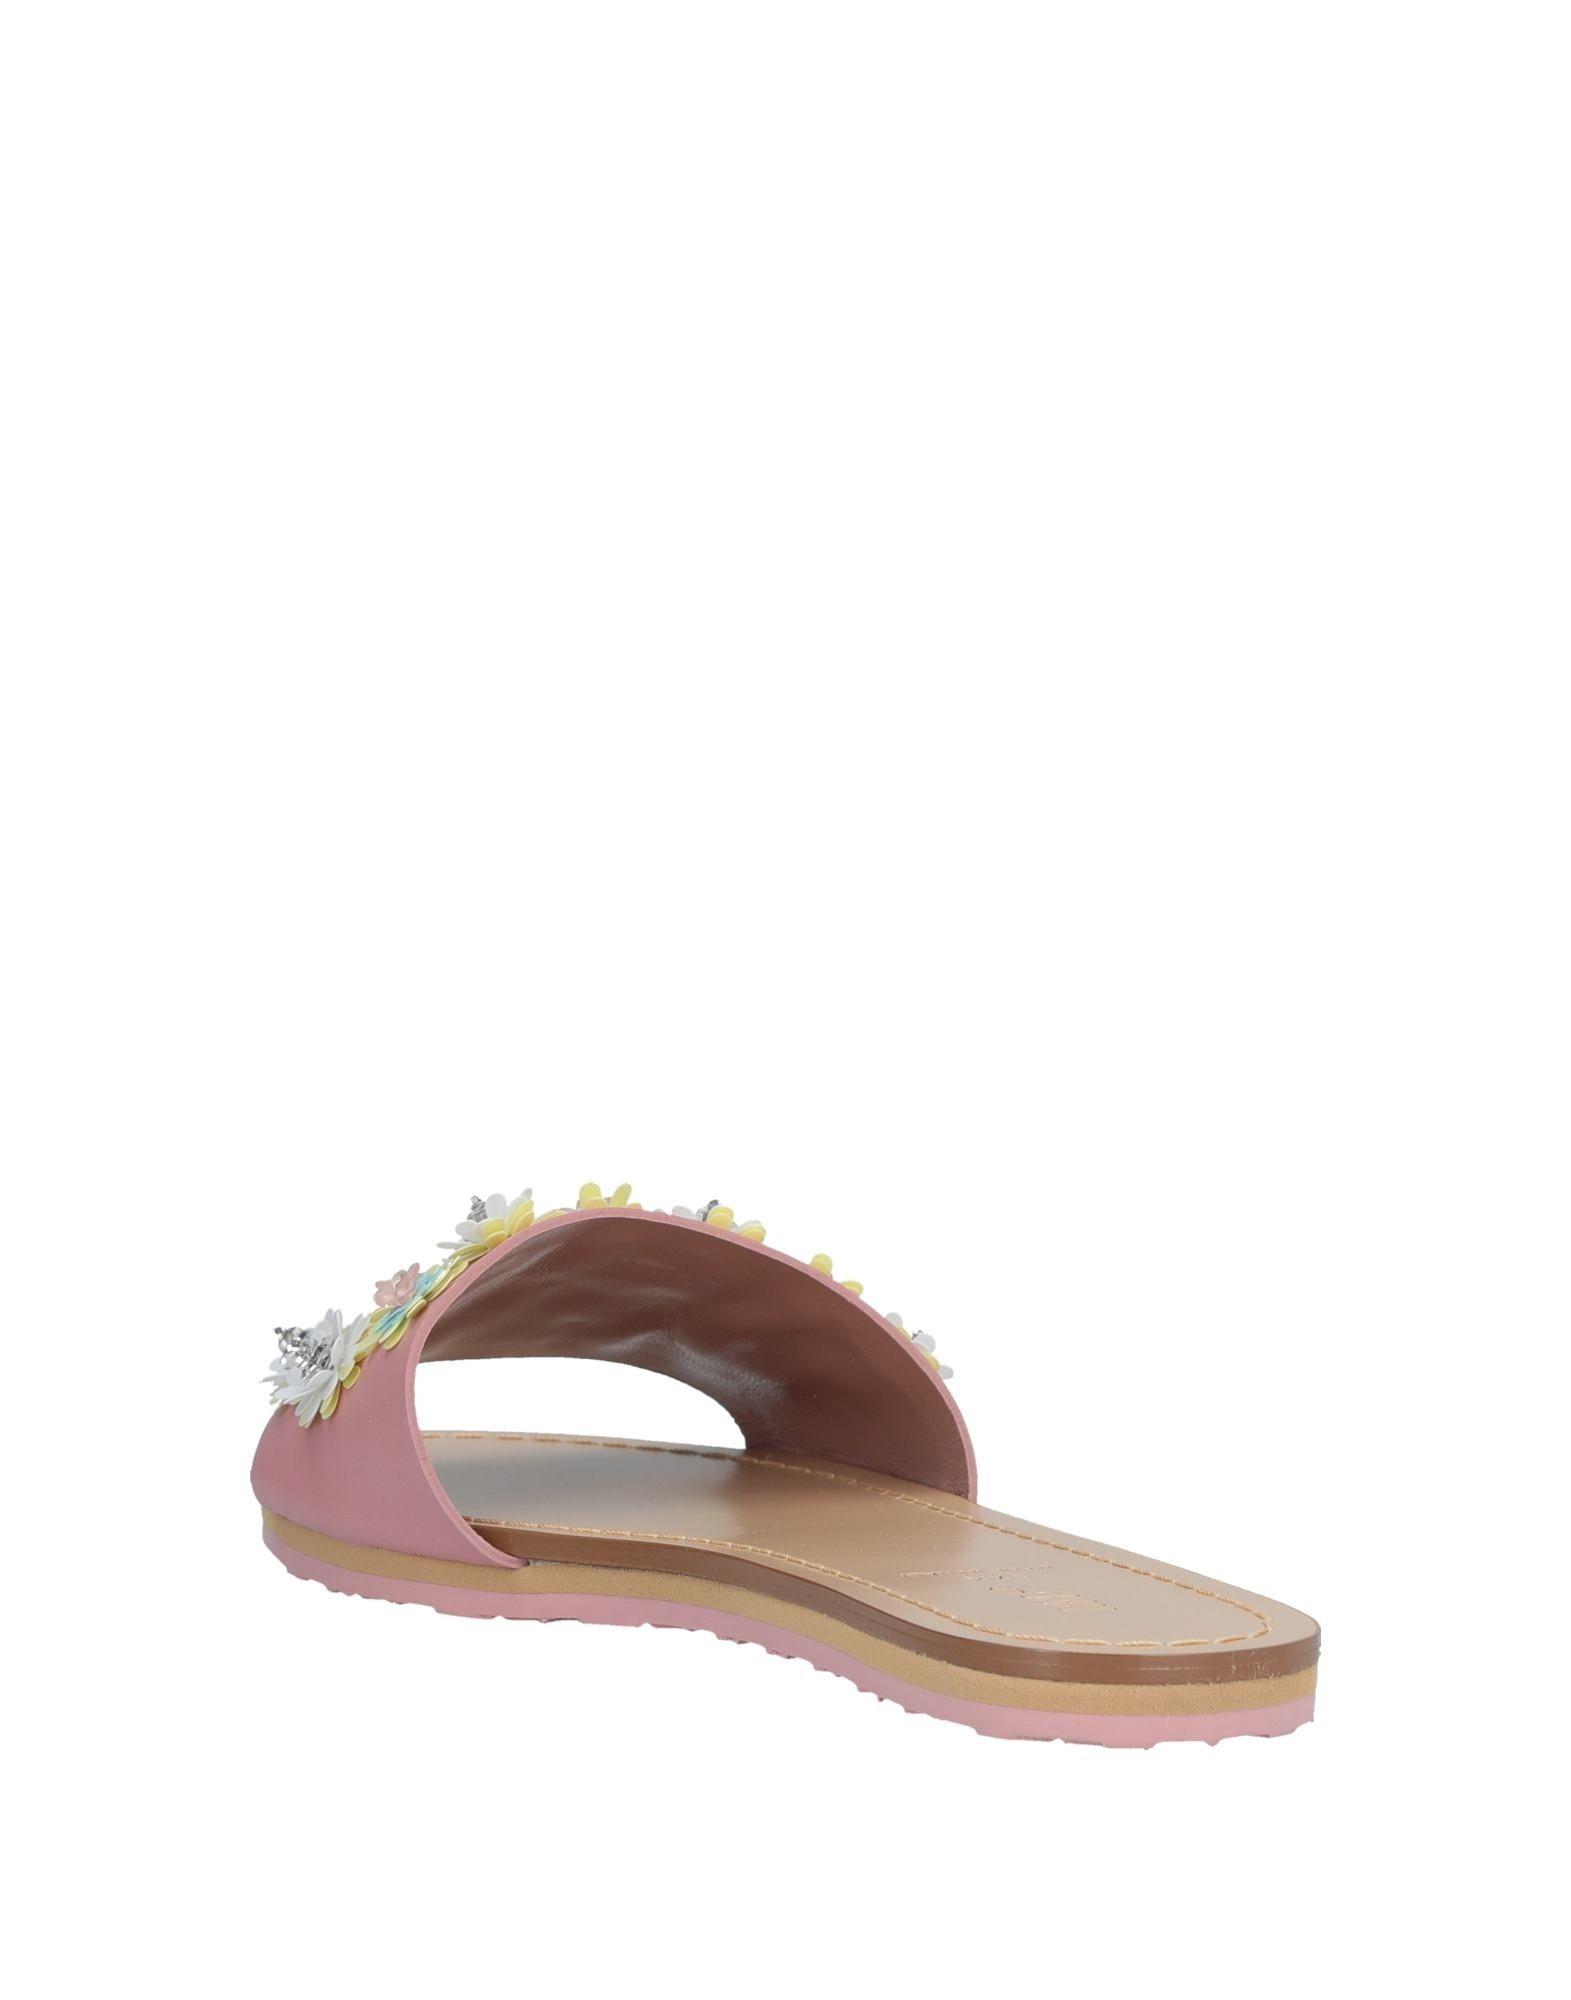 Rabatt Schuhe Red(V) Sandalen  Damen  Sandalen 11267345XS ed6b3b